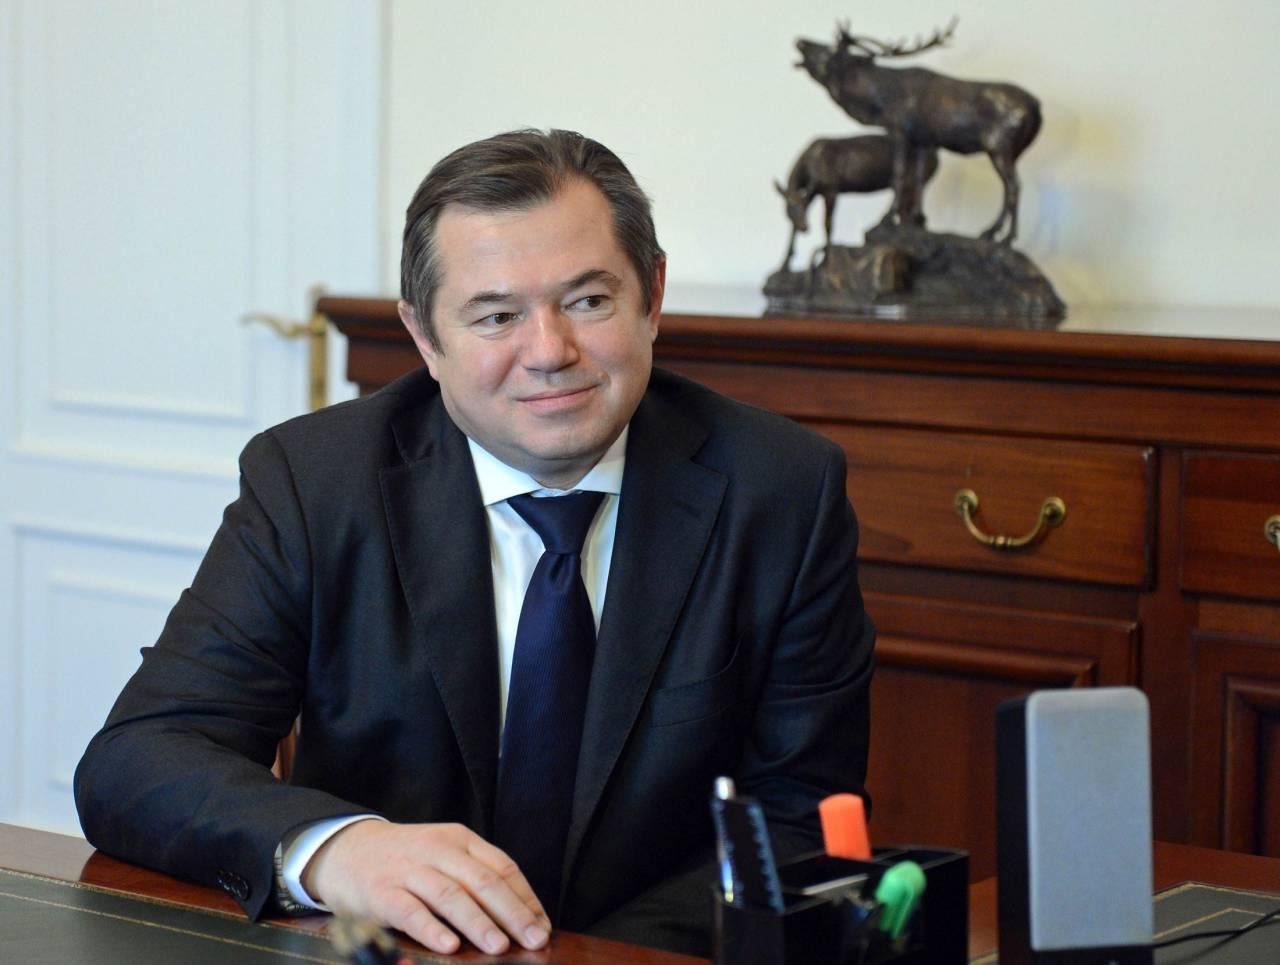 Glazev